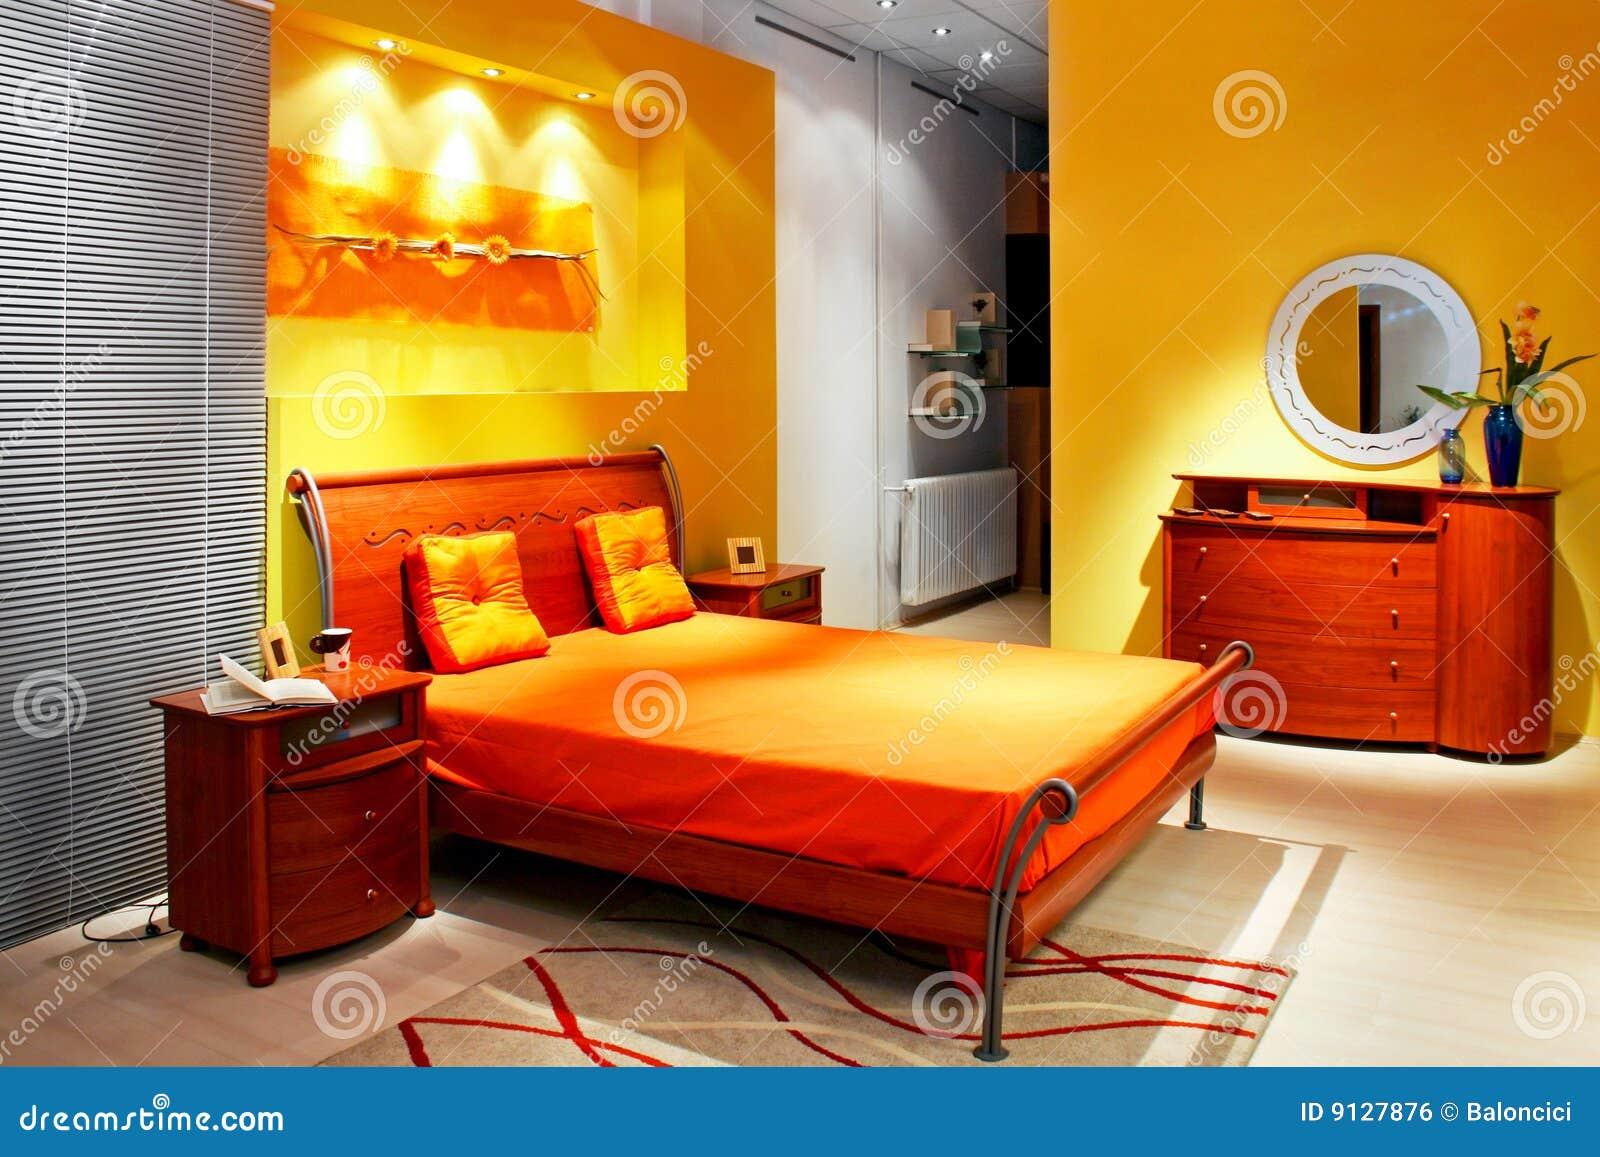 Colore giallo della camera da letto immagine stock libera - Colore camera letto ...